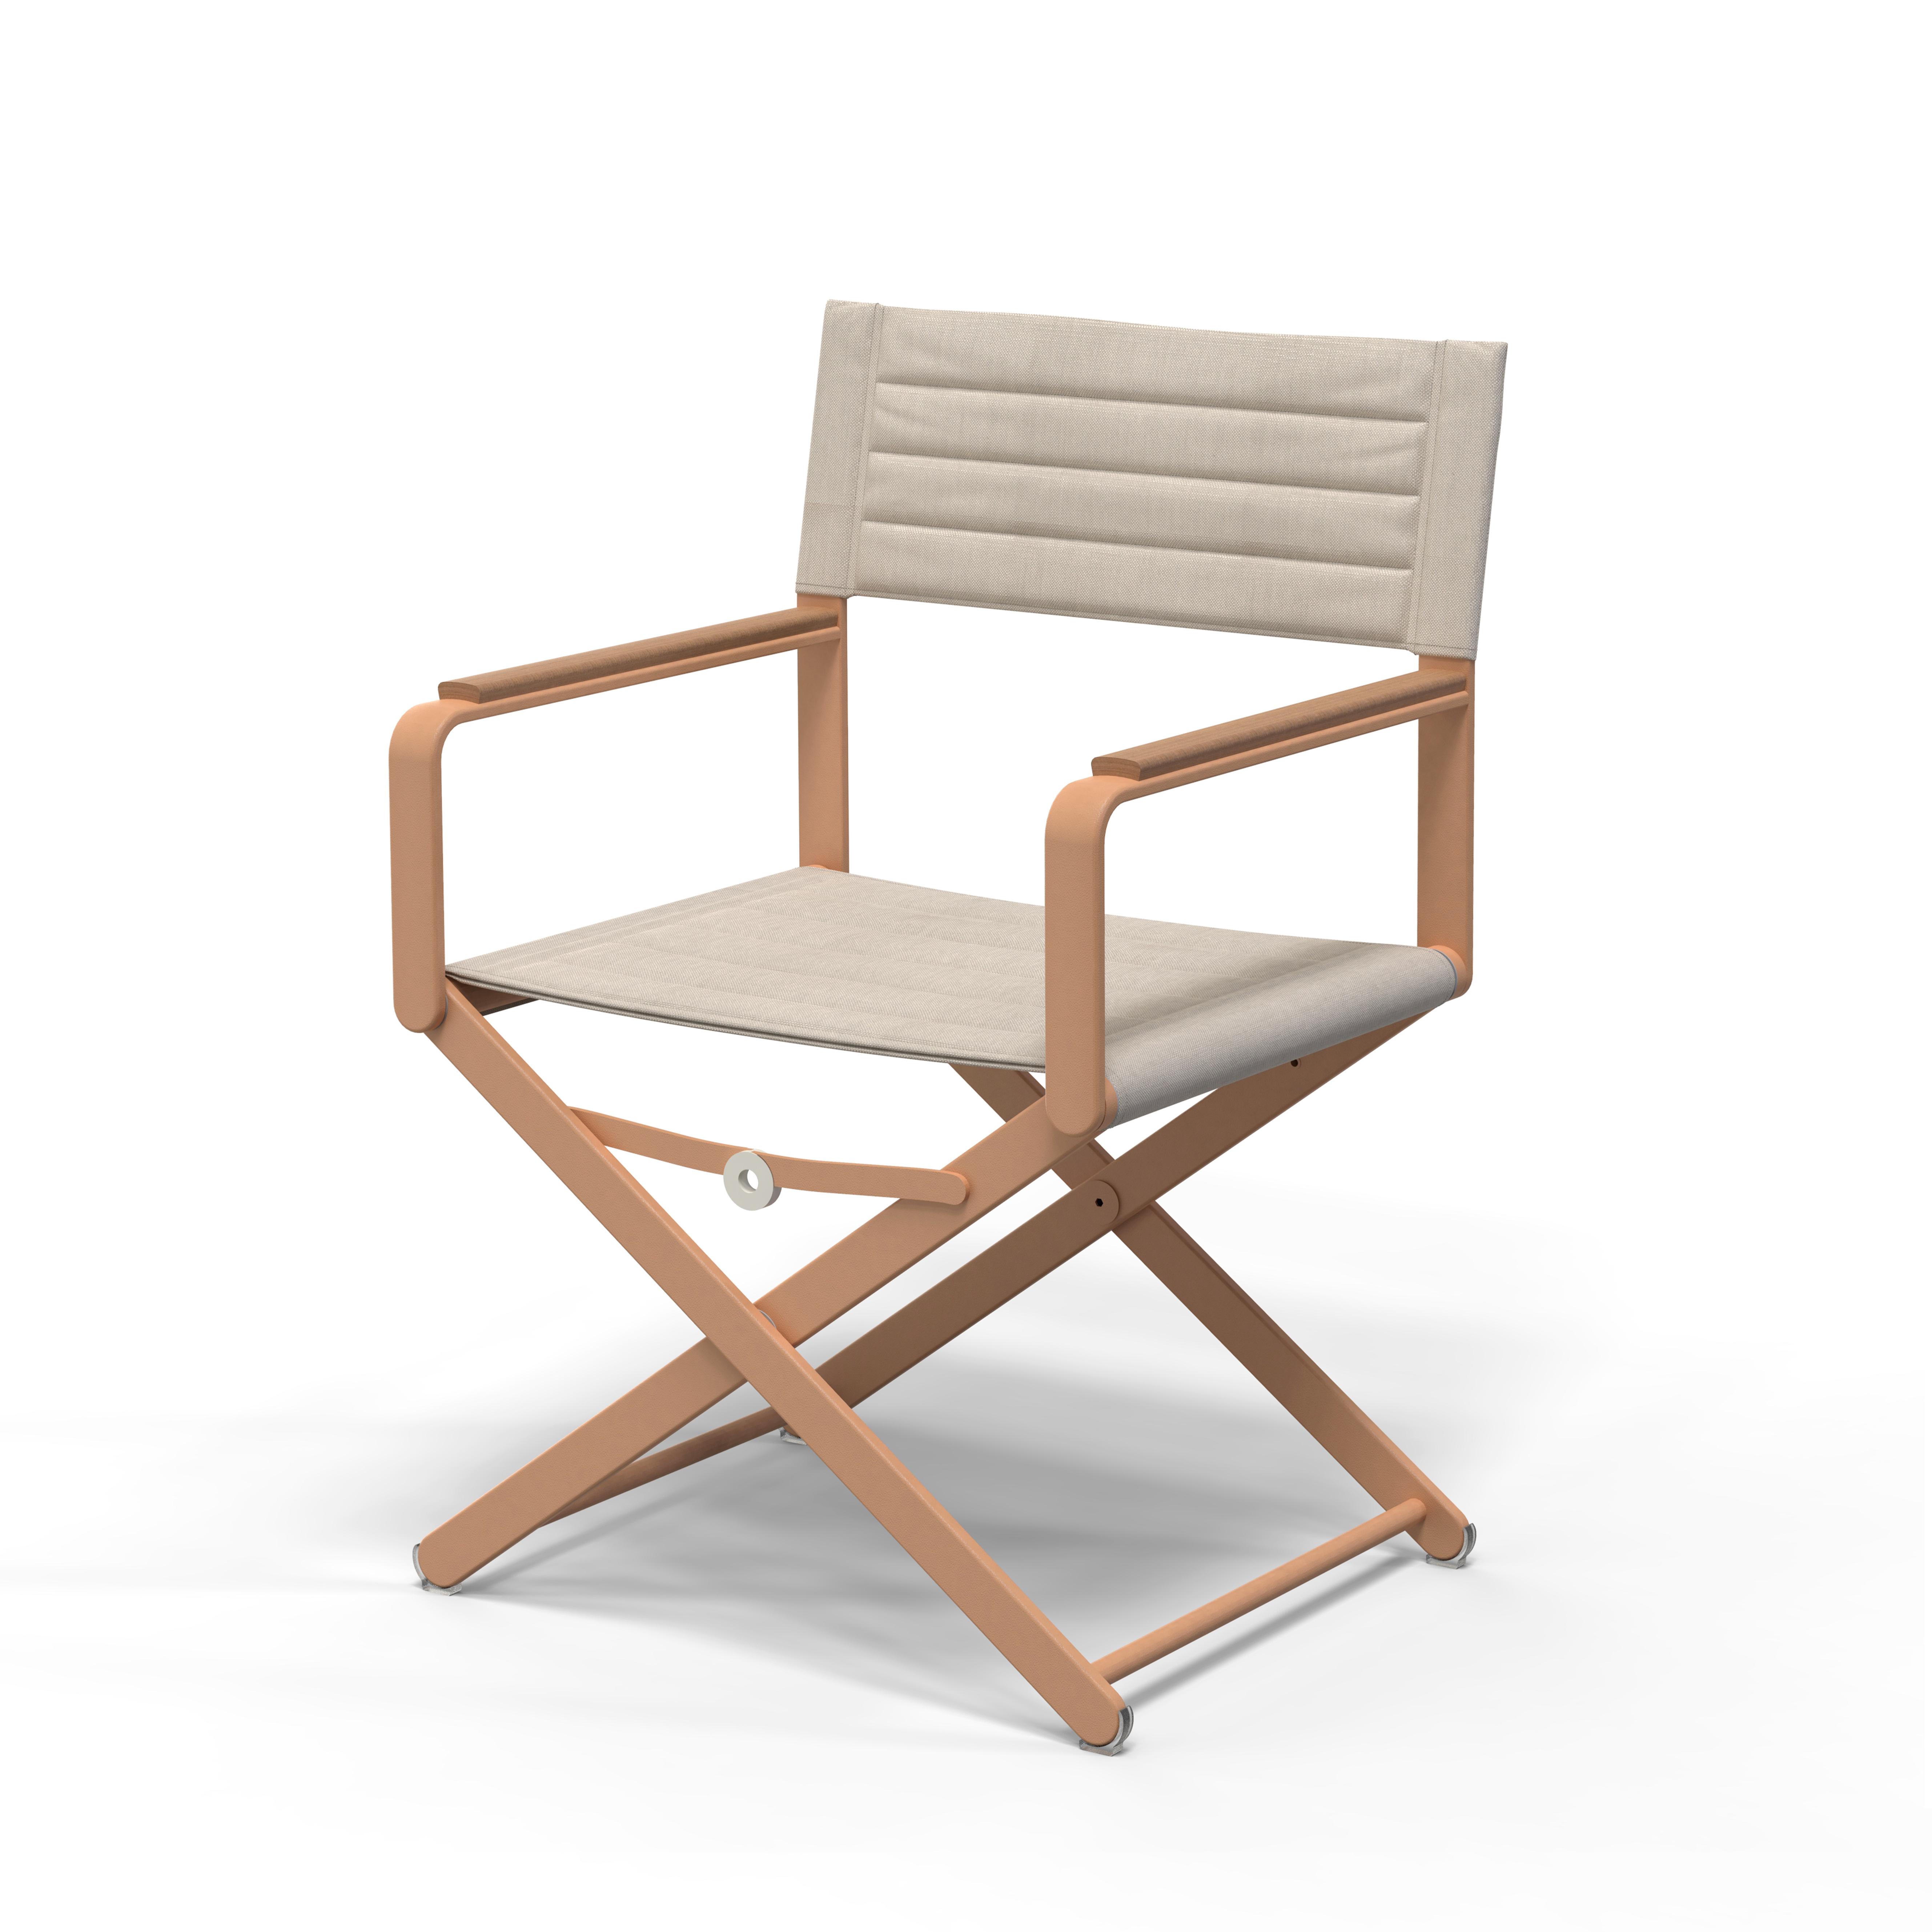 Chic Chair-Khaki.jpg